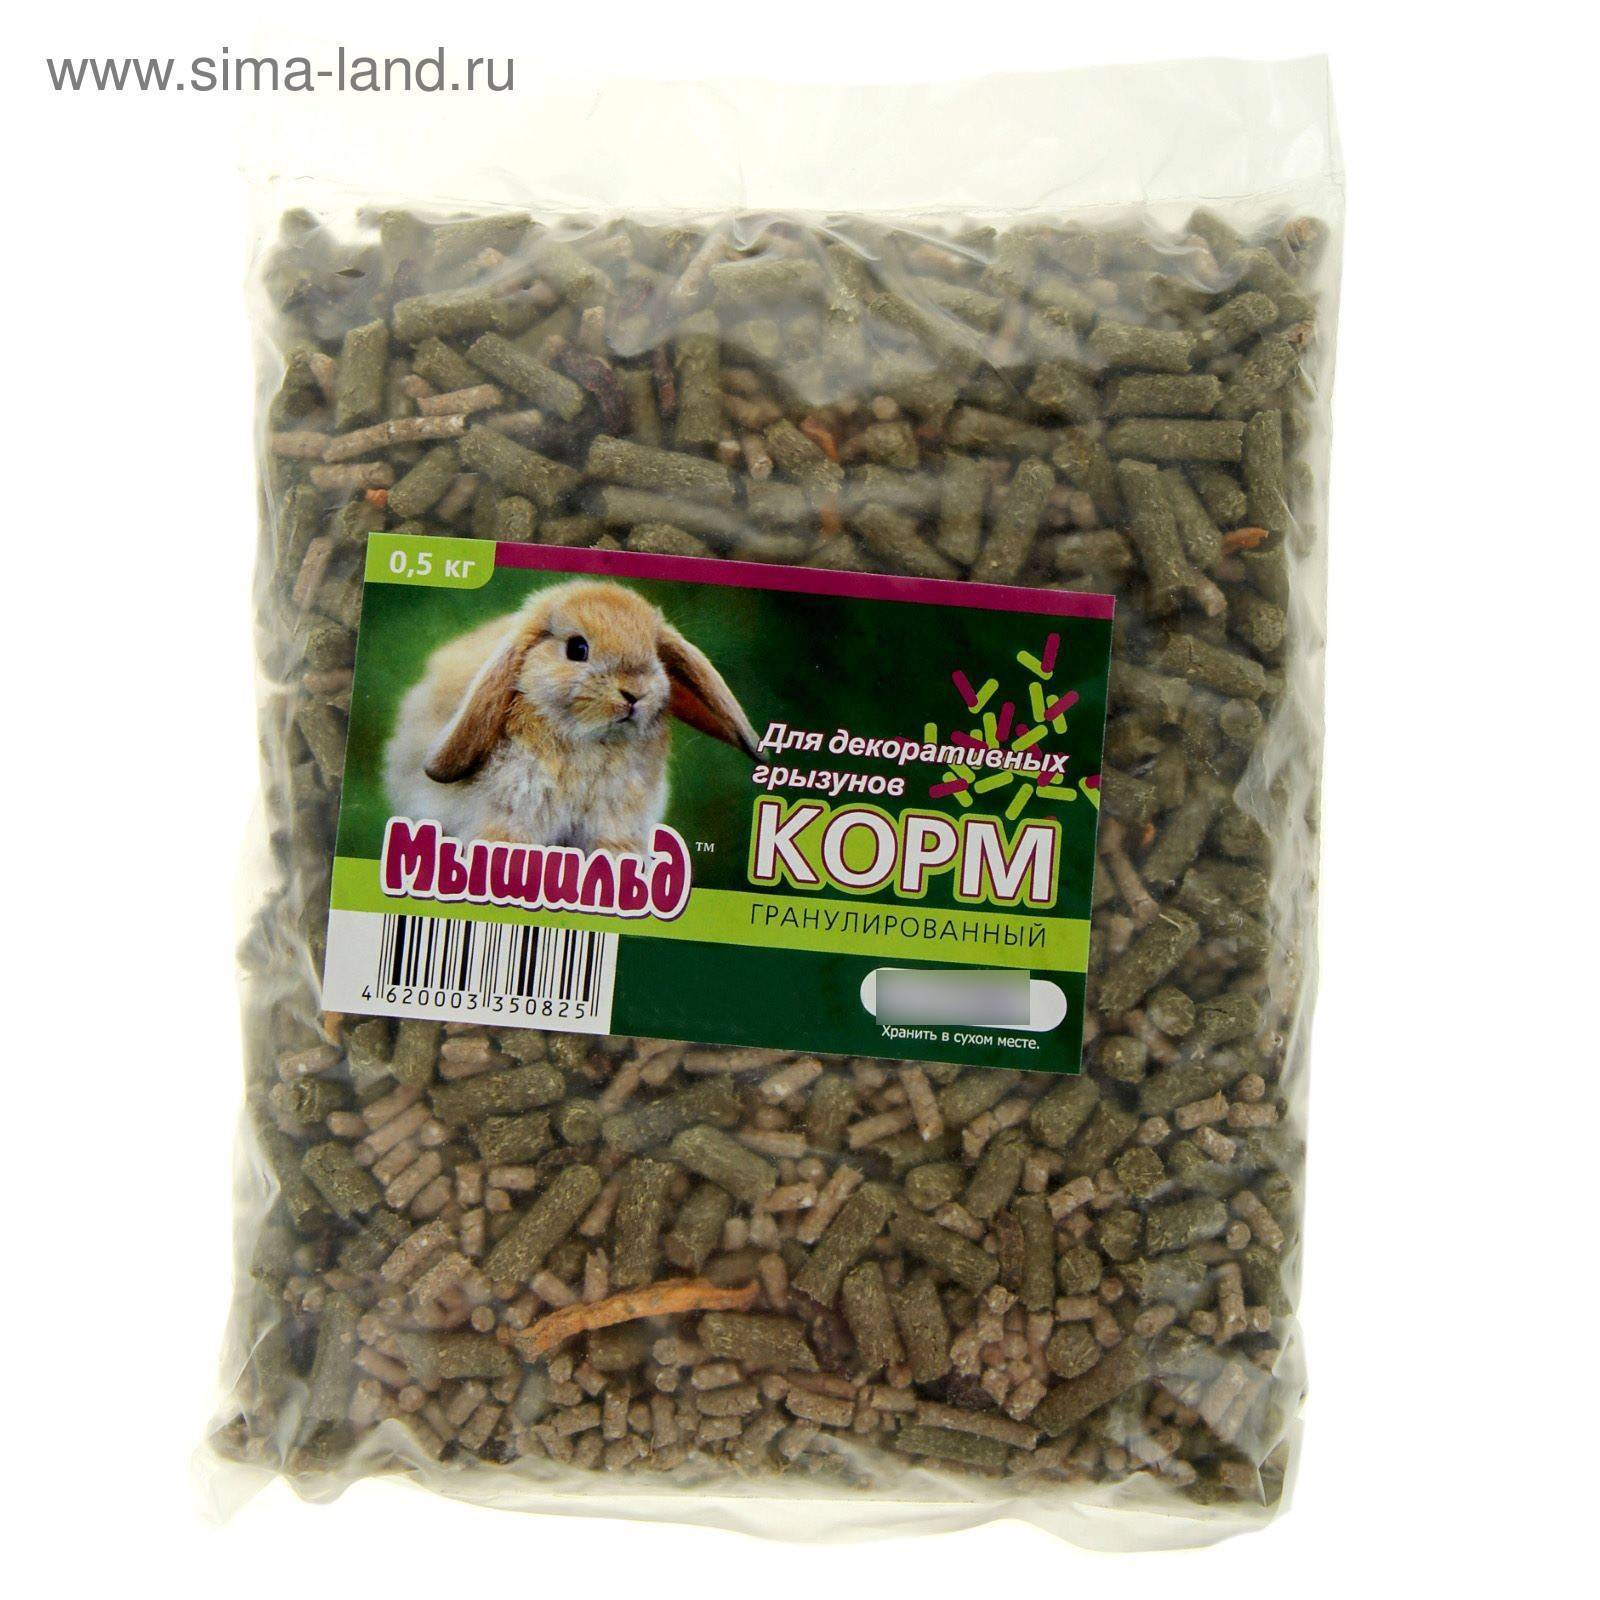 Комбикорм для кроликов — обзор разных видов готовых кормов, состав, приготовление своими руками